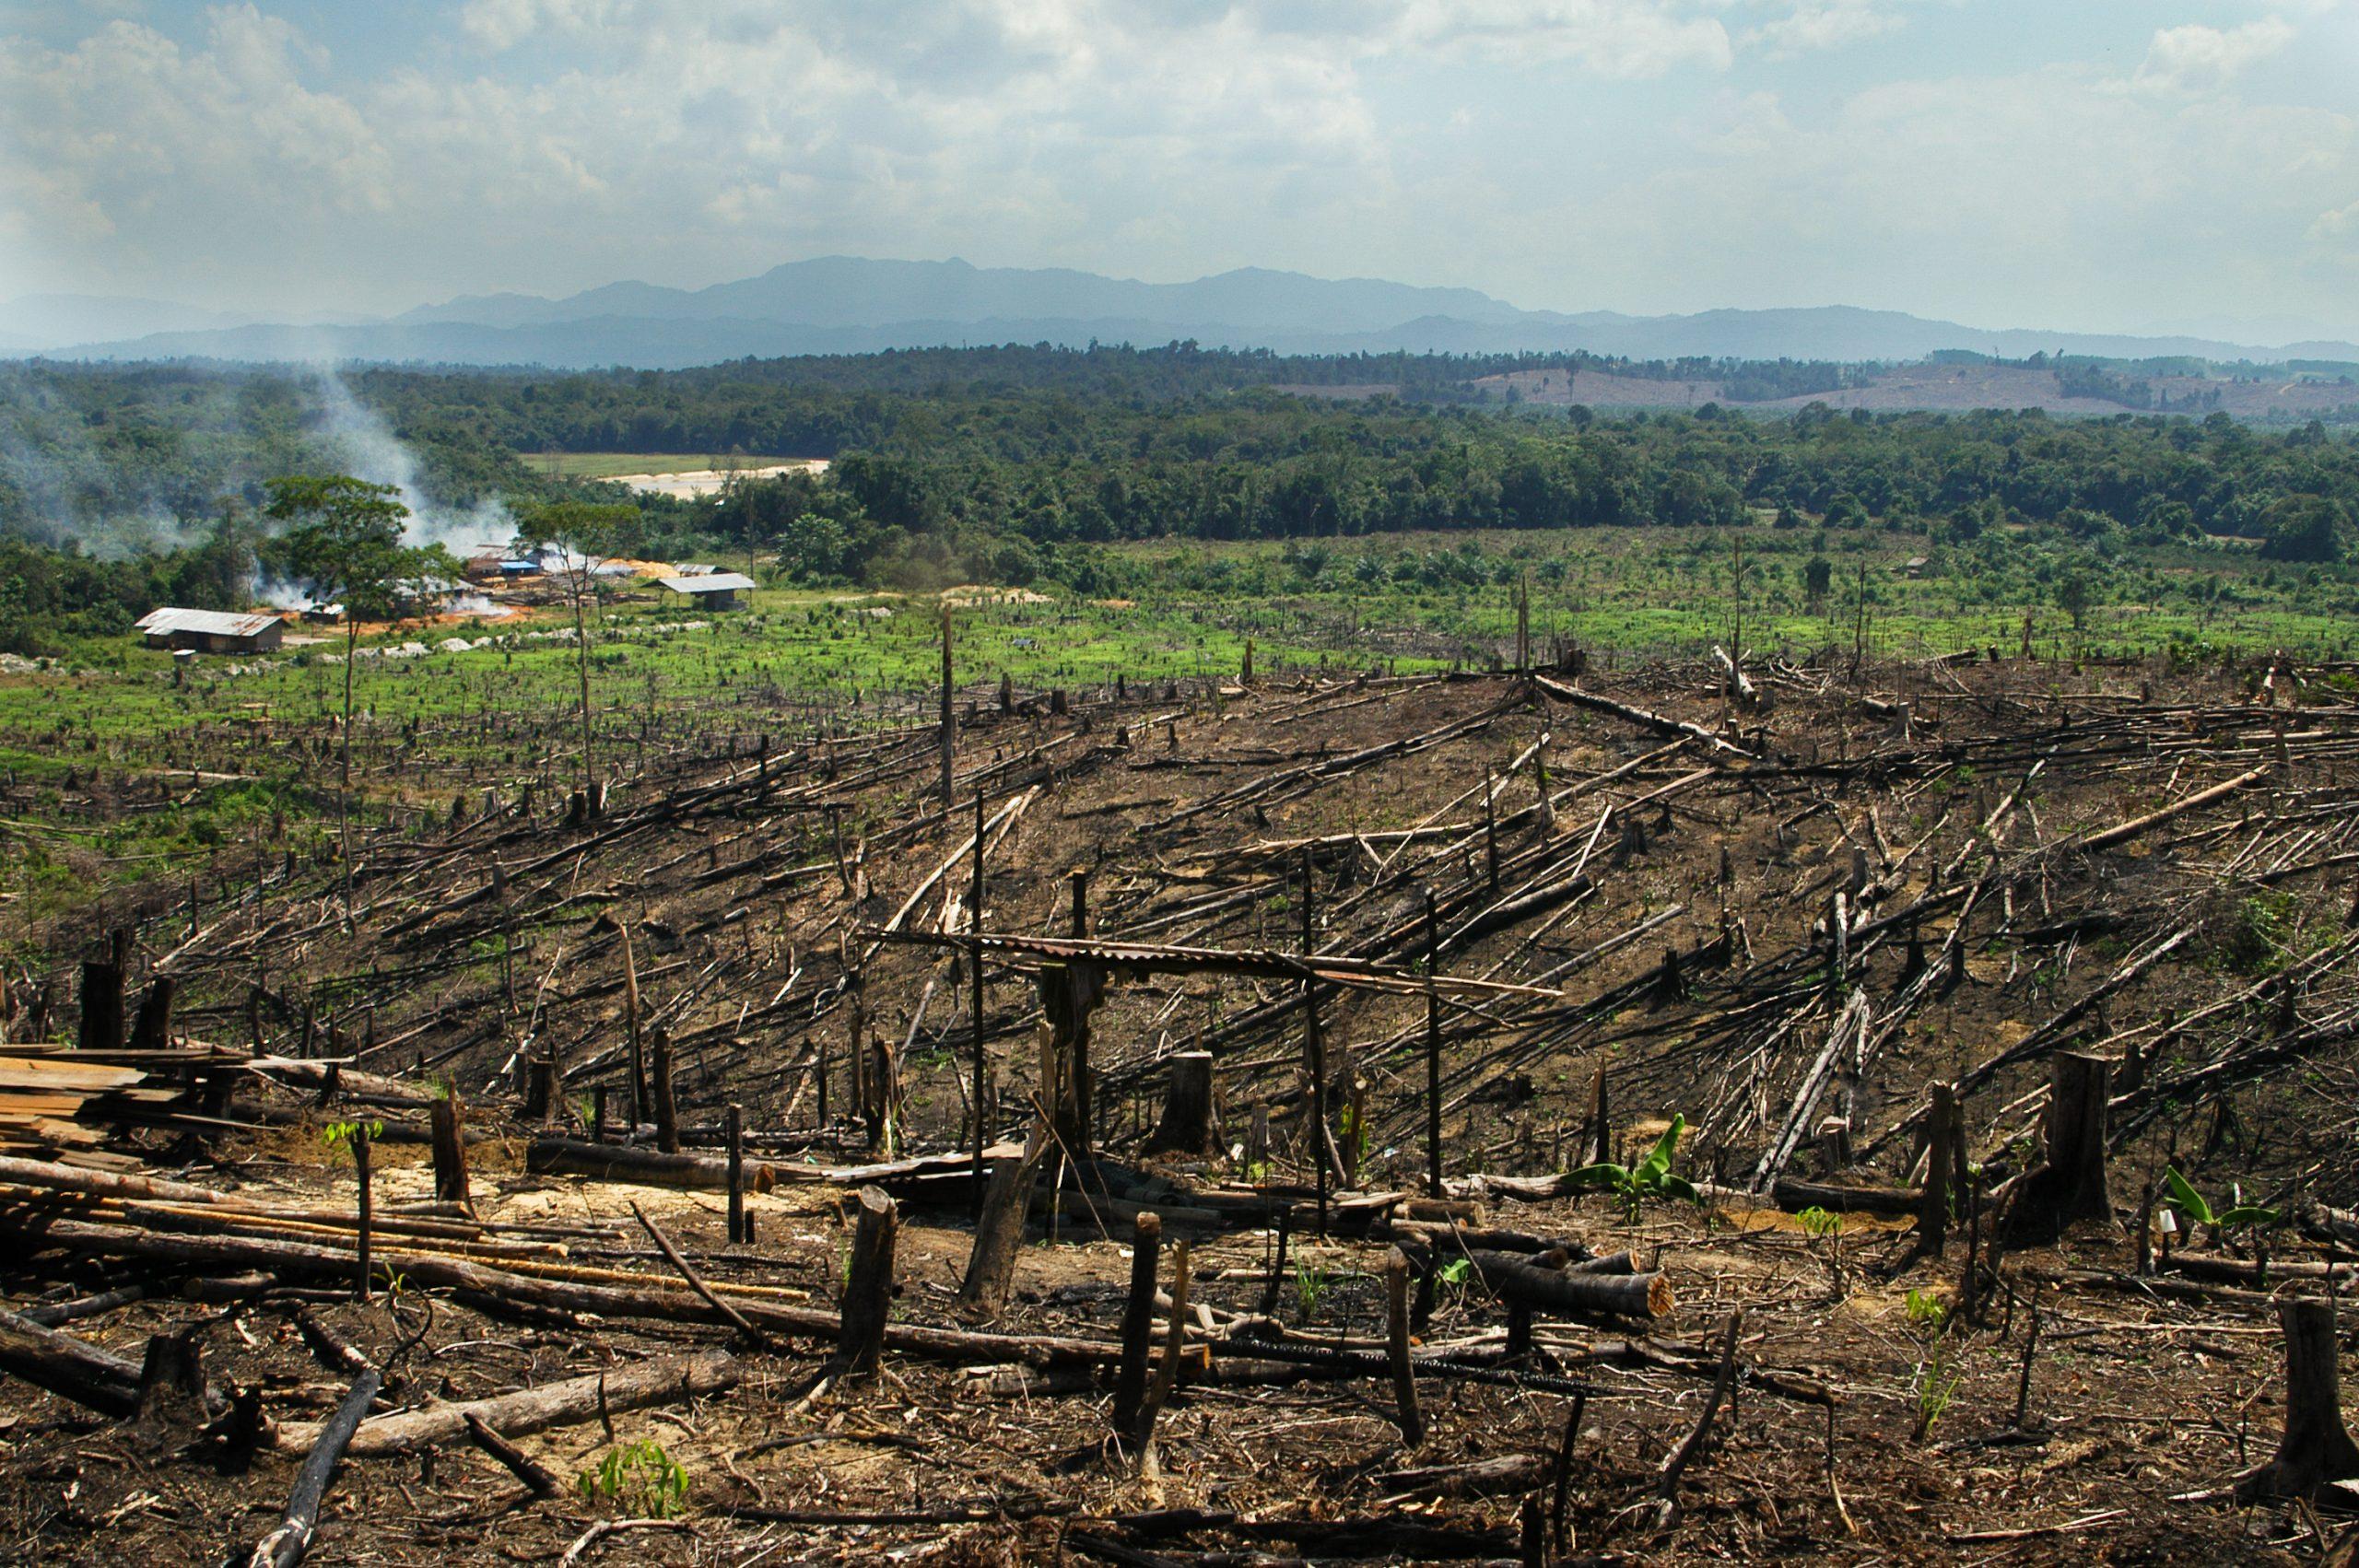 غابات الأمازون - الحياد الكربوني